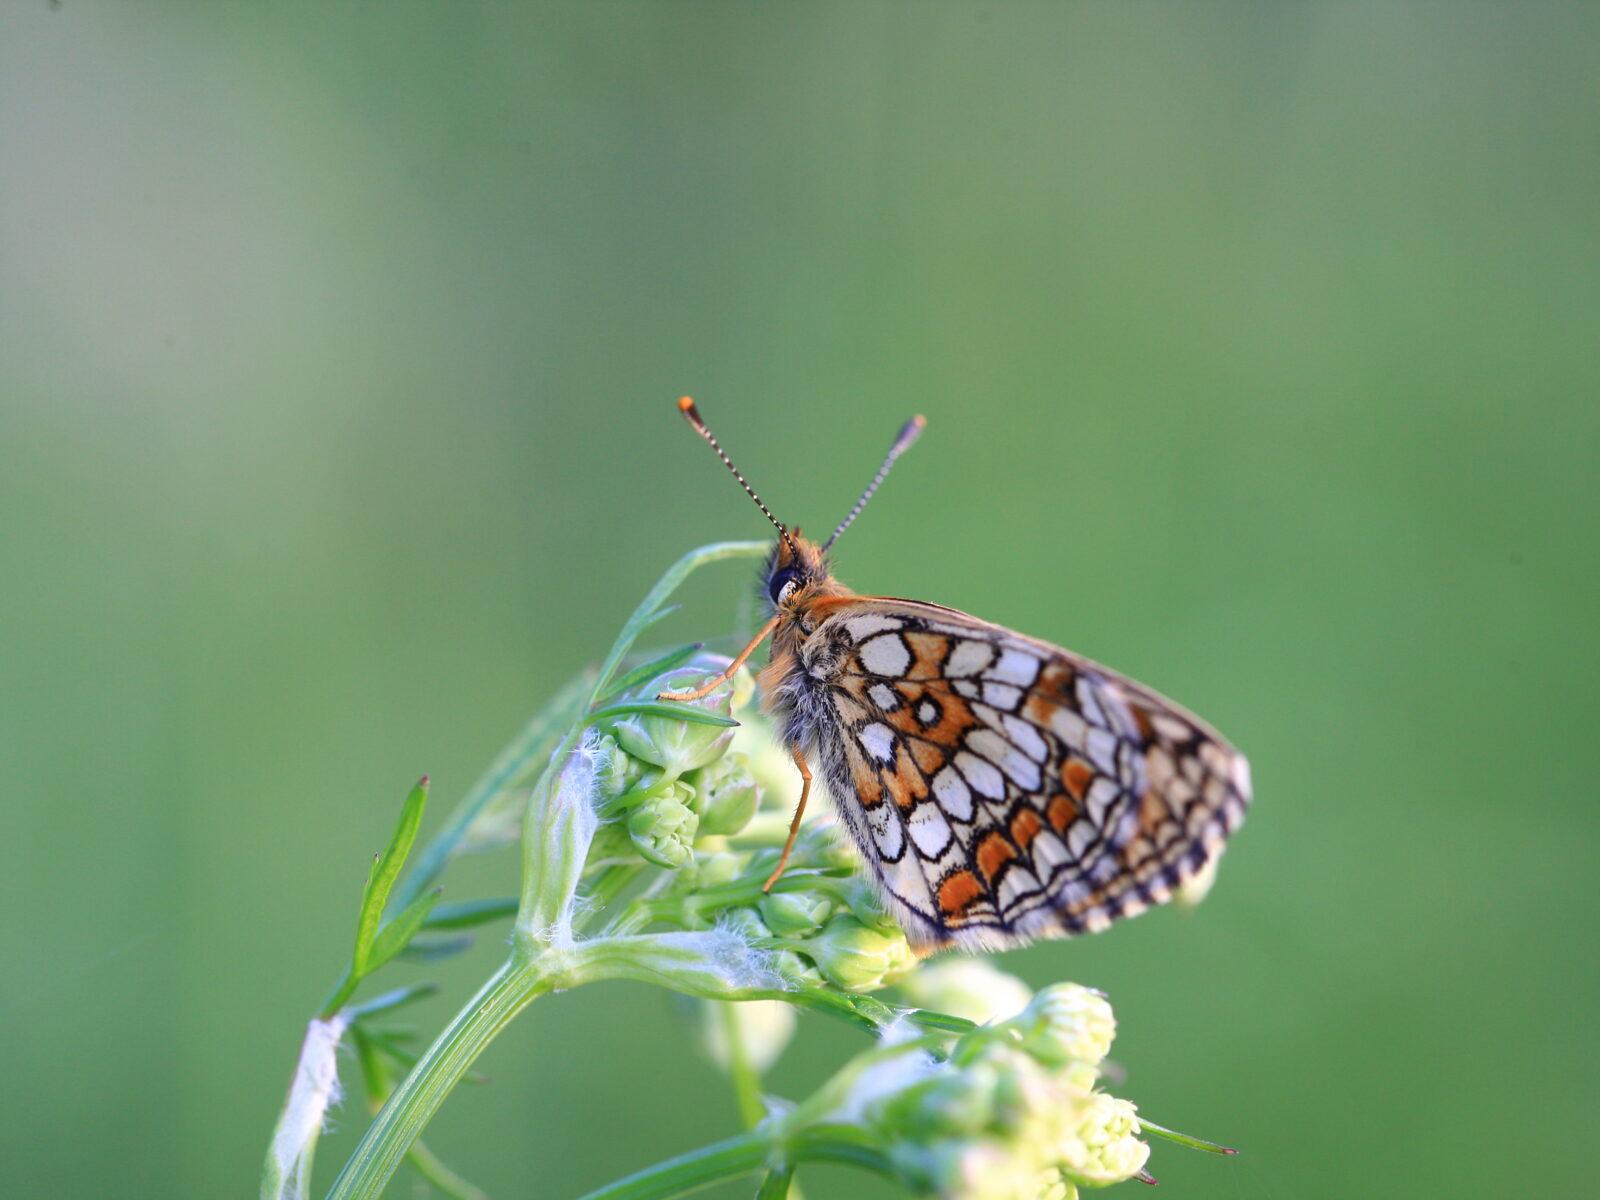 Fjäril, Fjärilar, Insekt, Insekter, Pärlemorfjäril, Blomma, Blommor